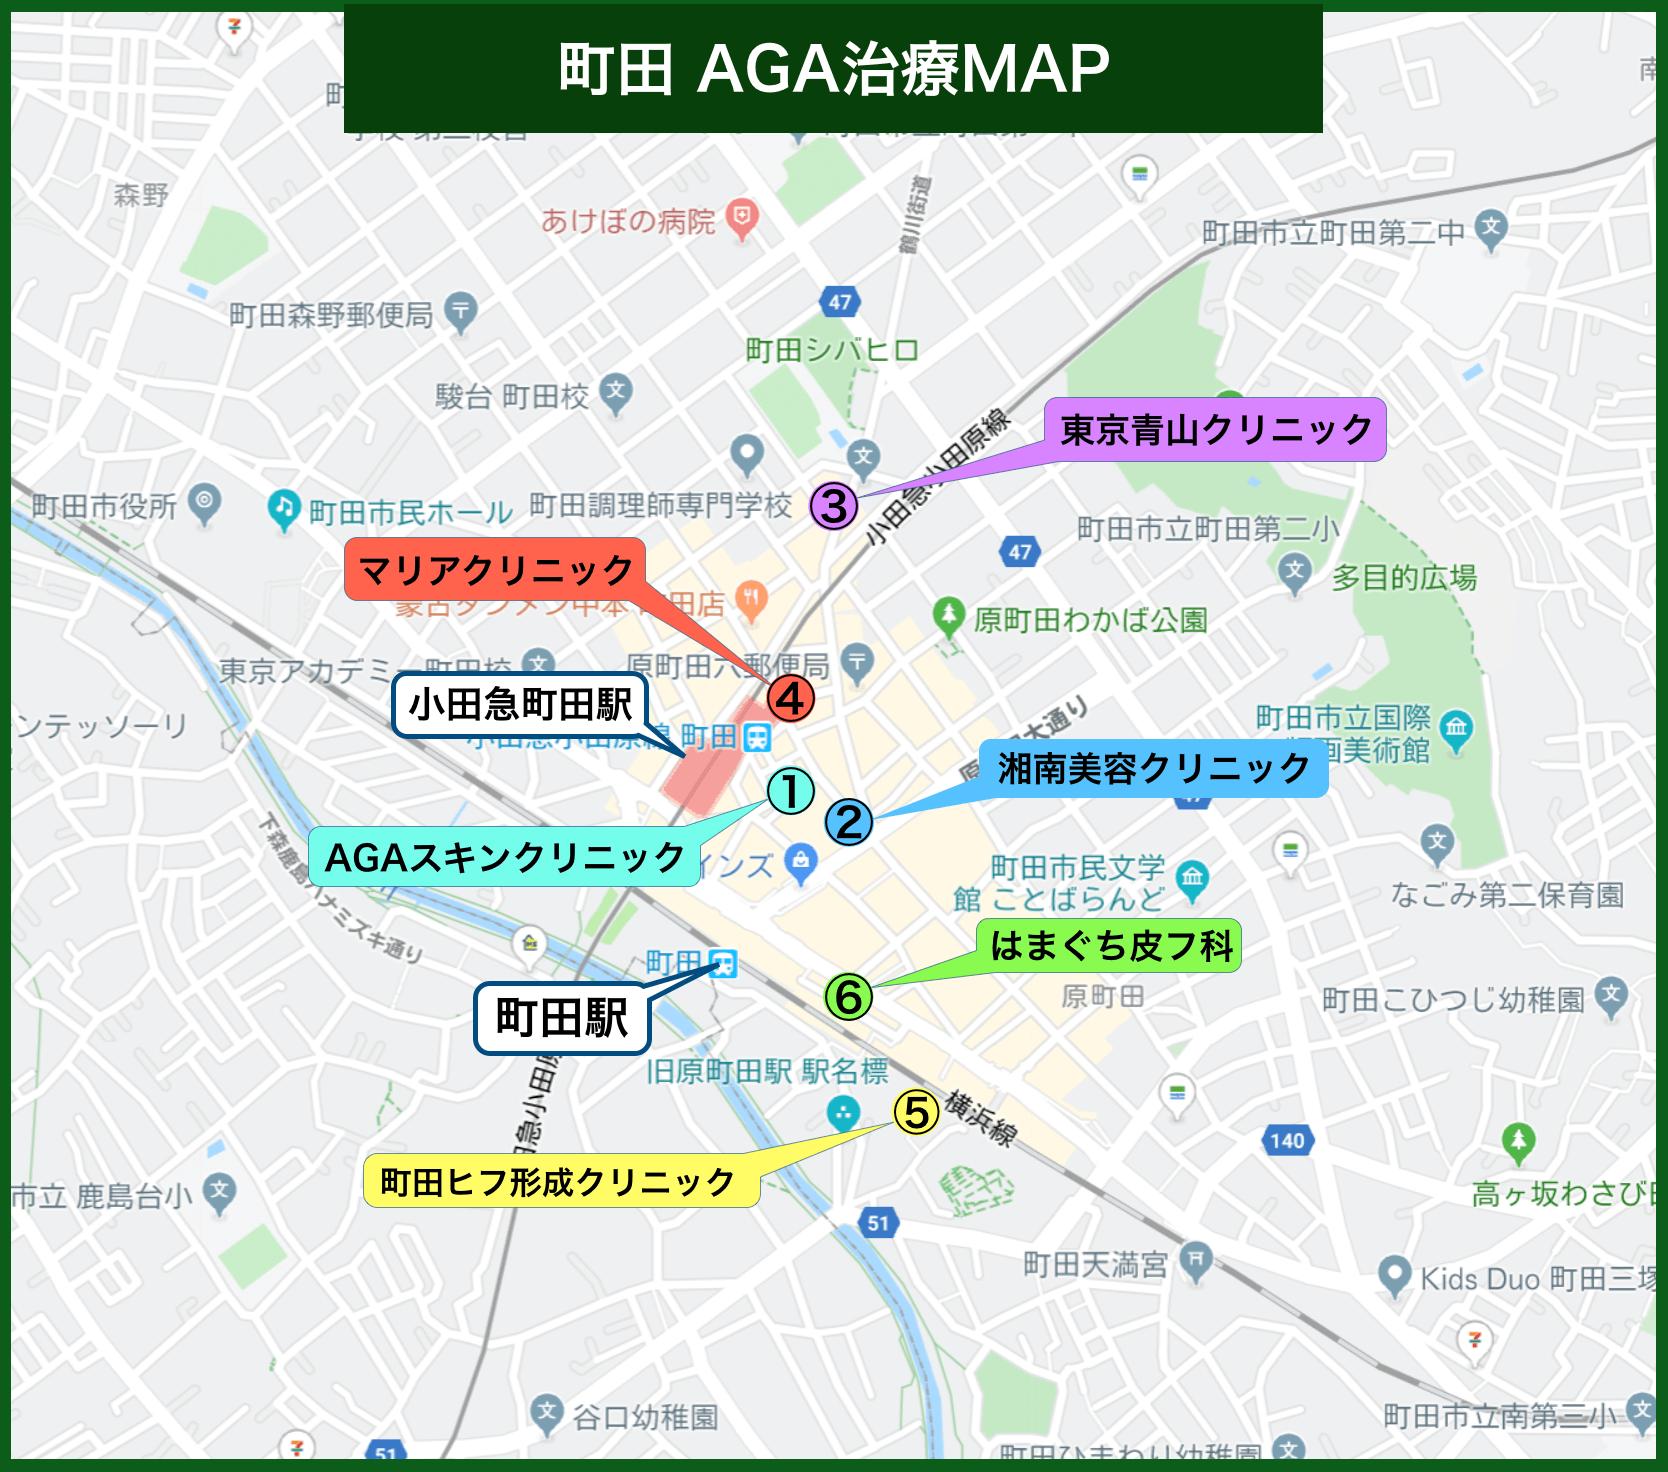 町田AGA治療MAP(2019年版)